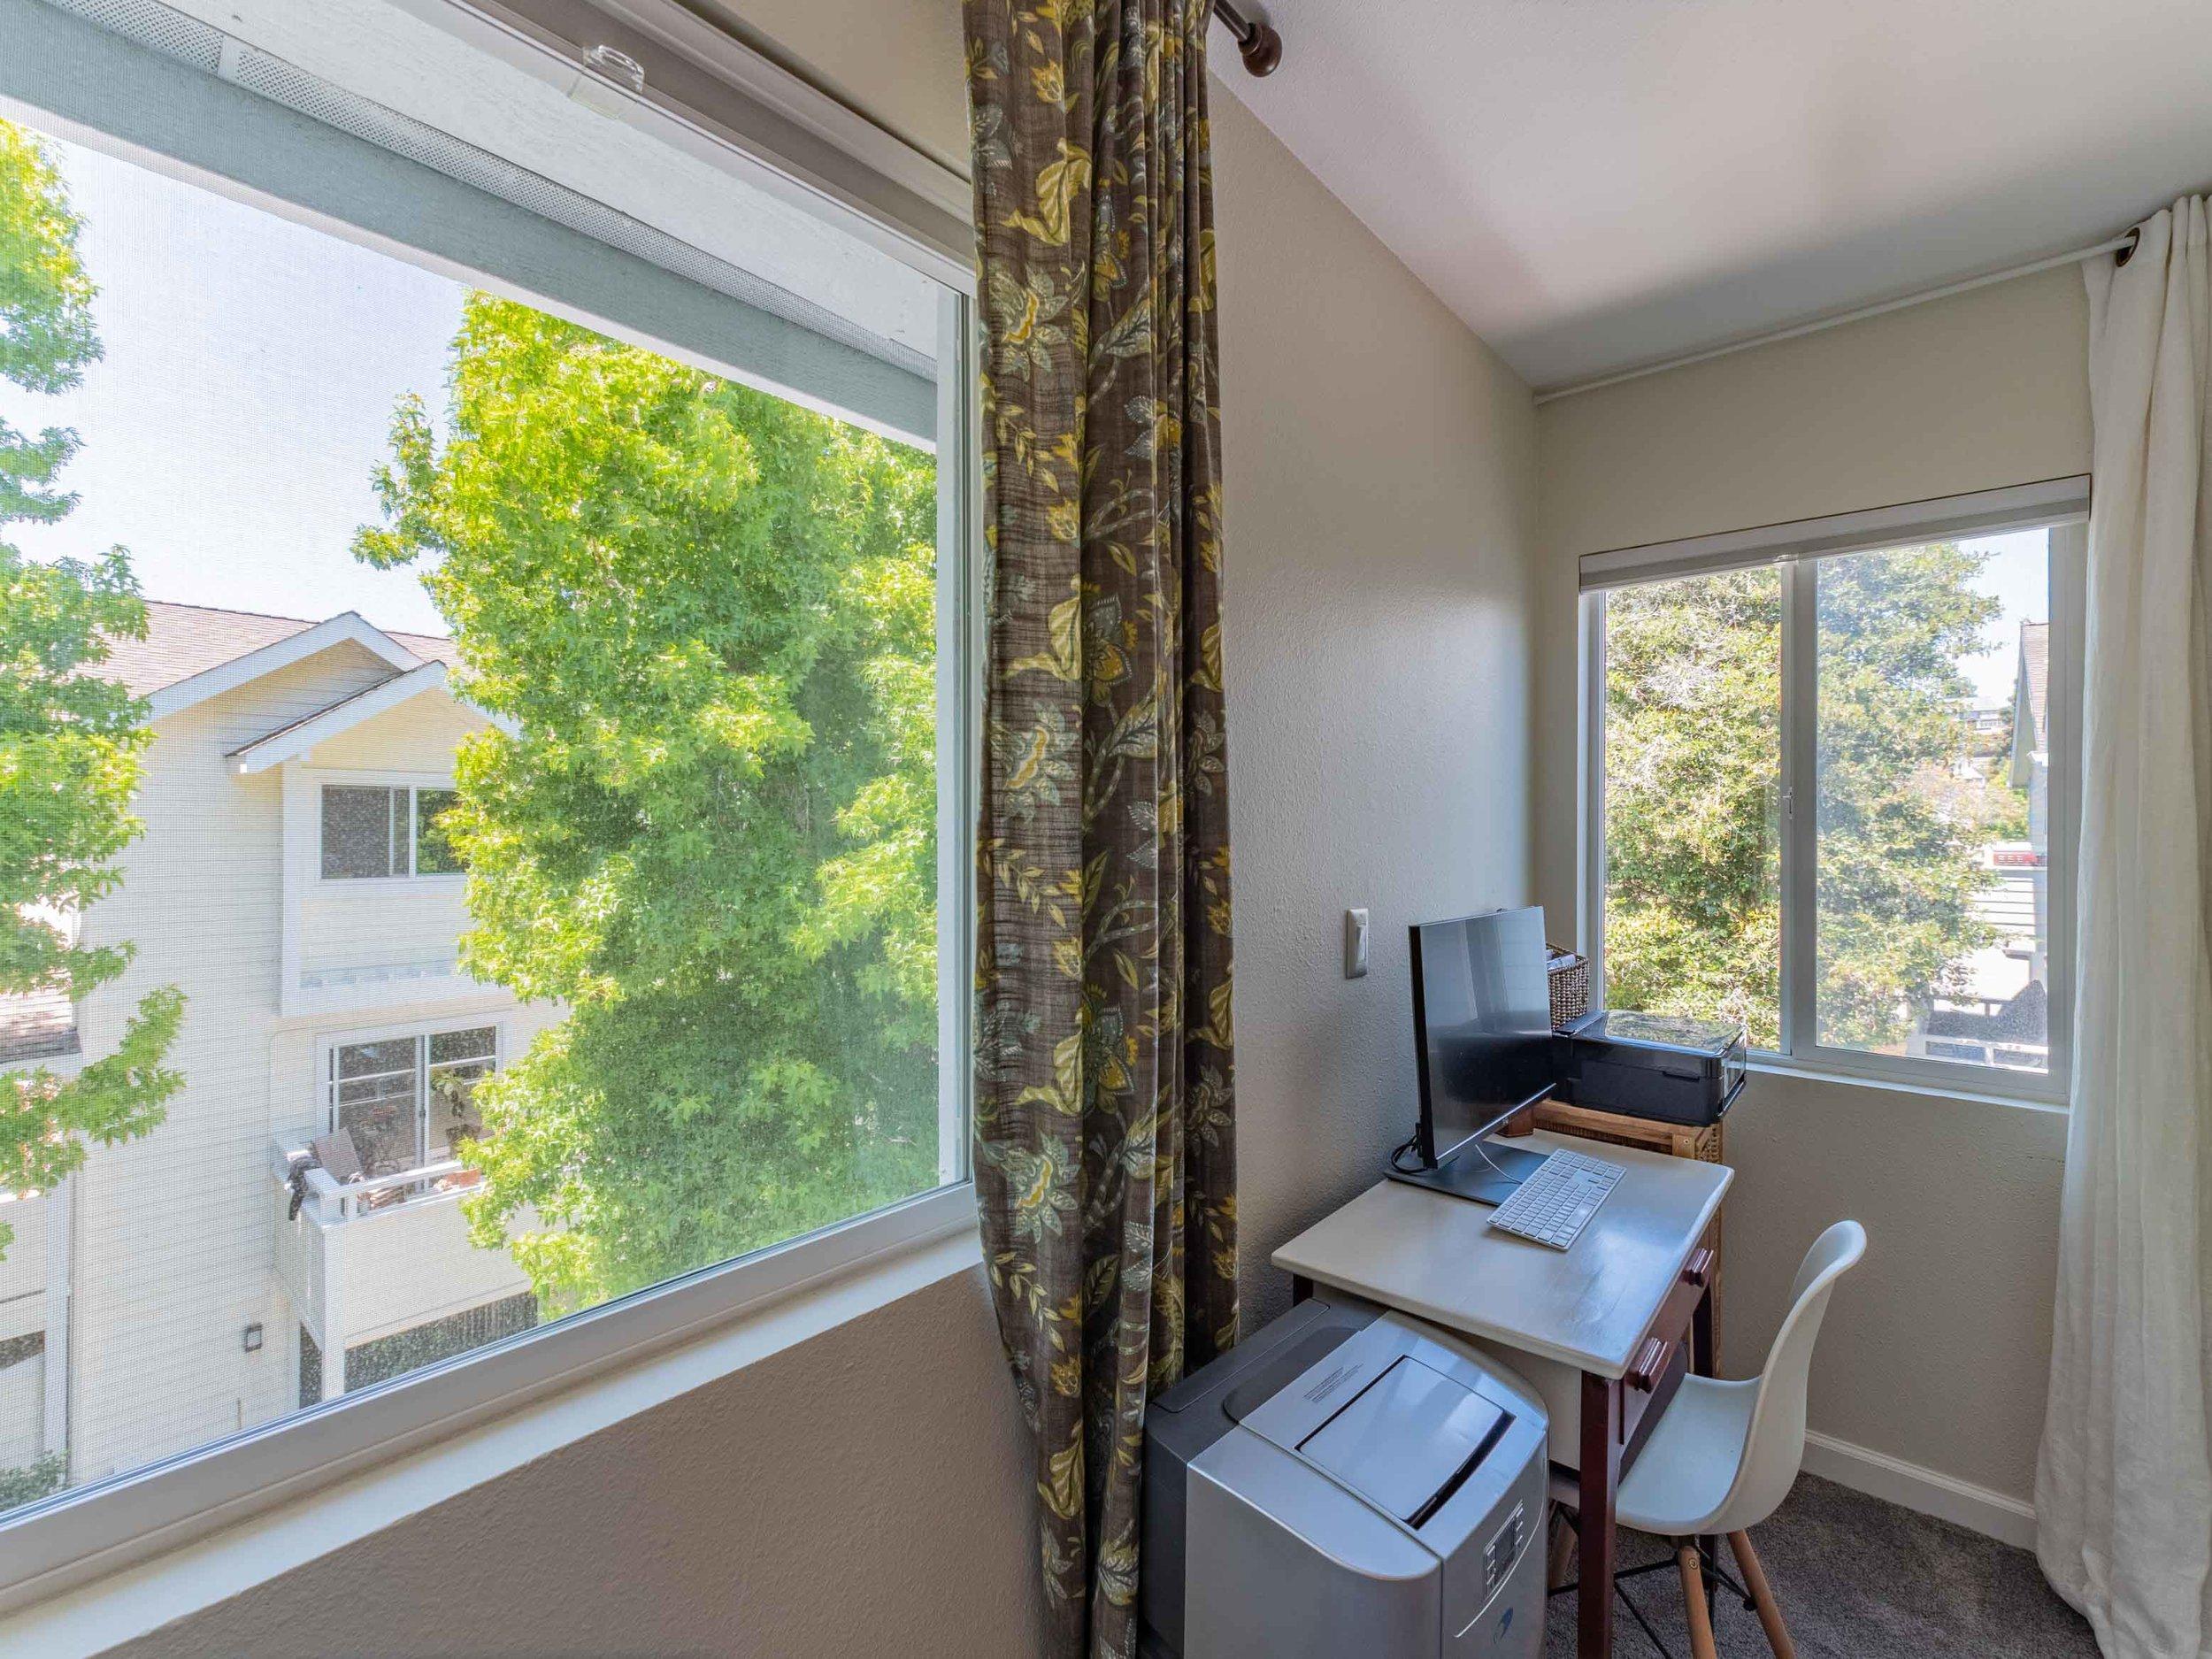 Office space in bedroom.jpg